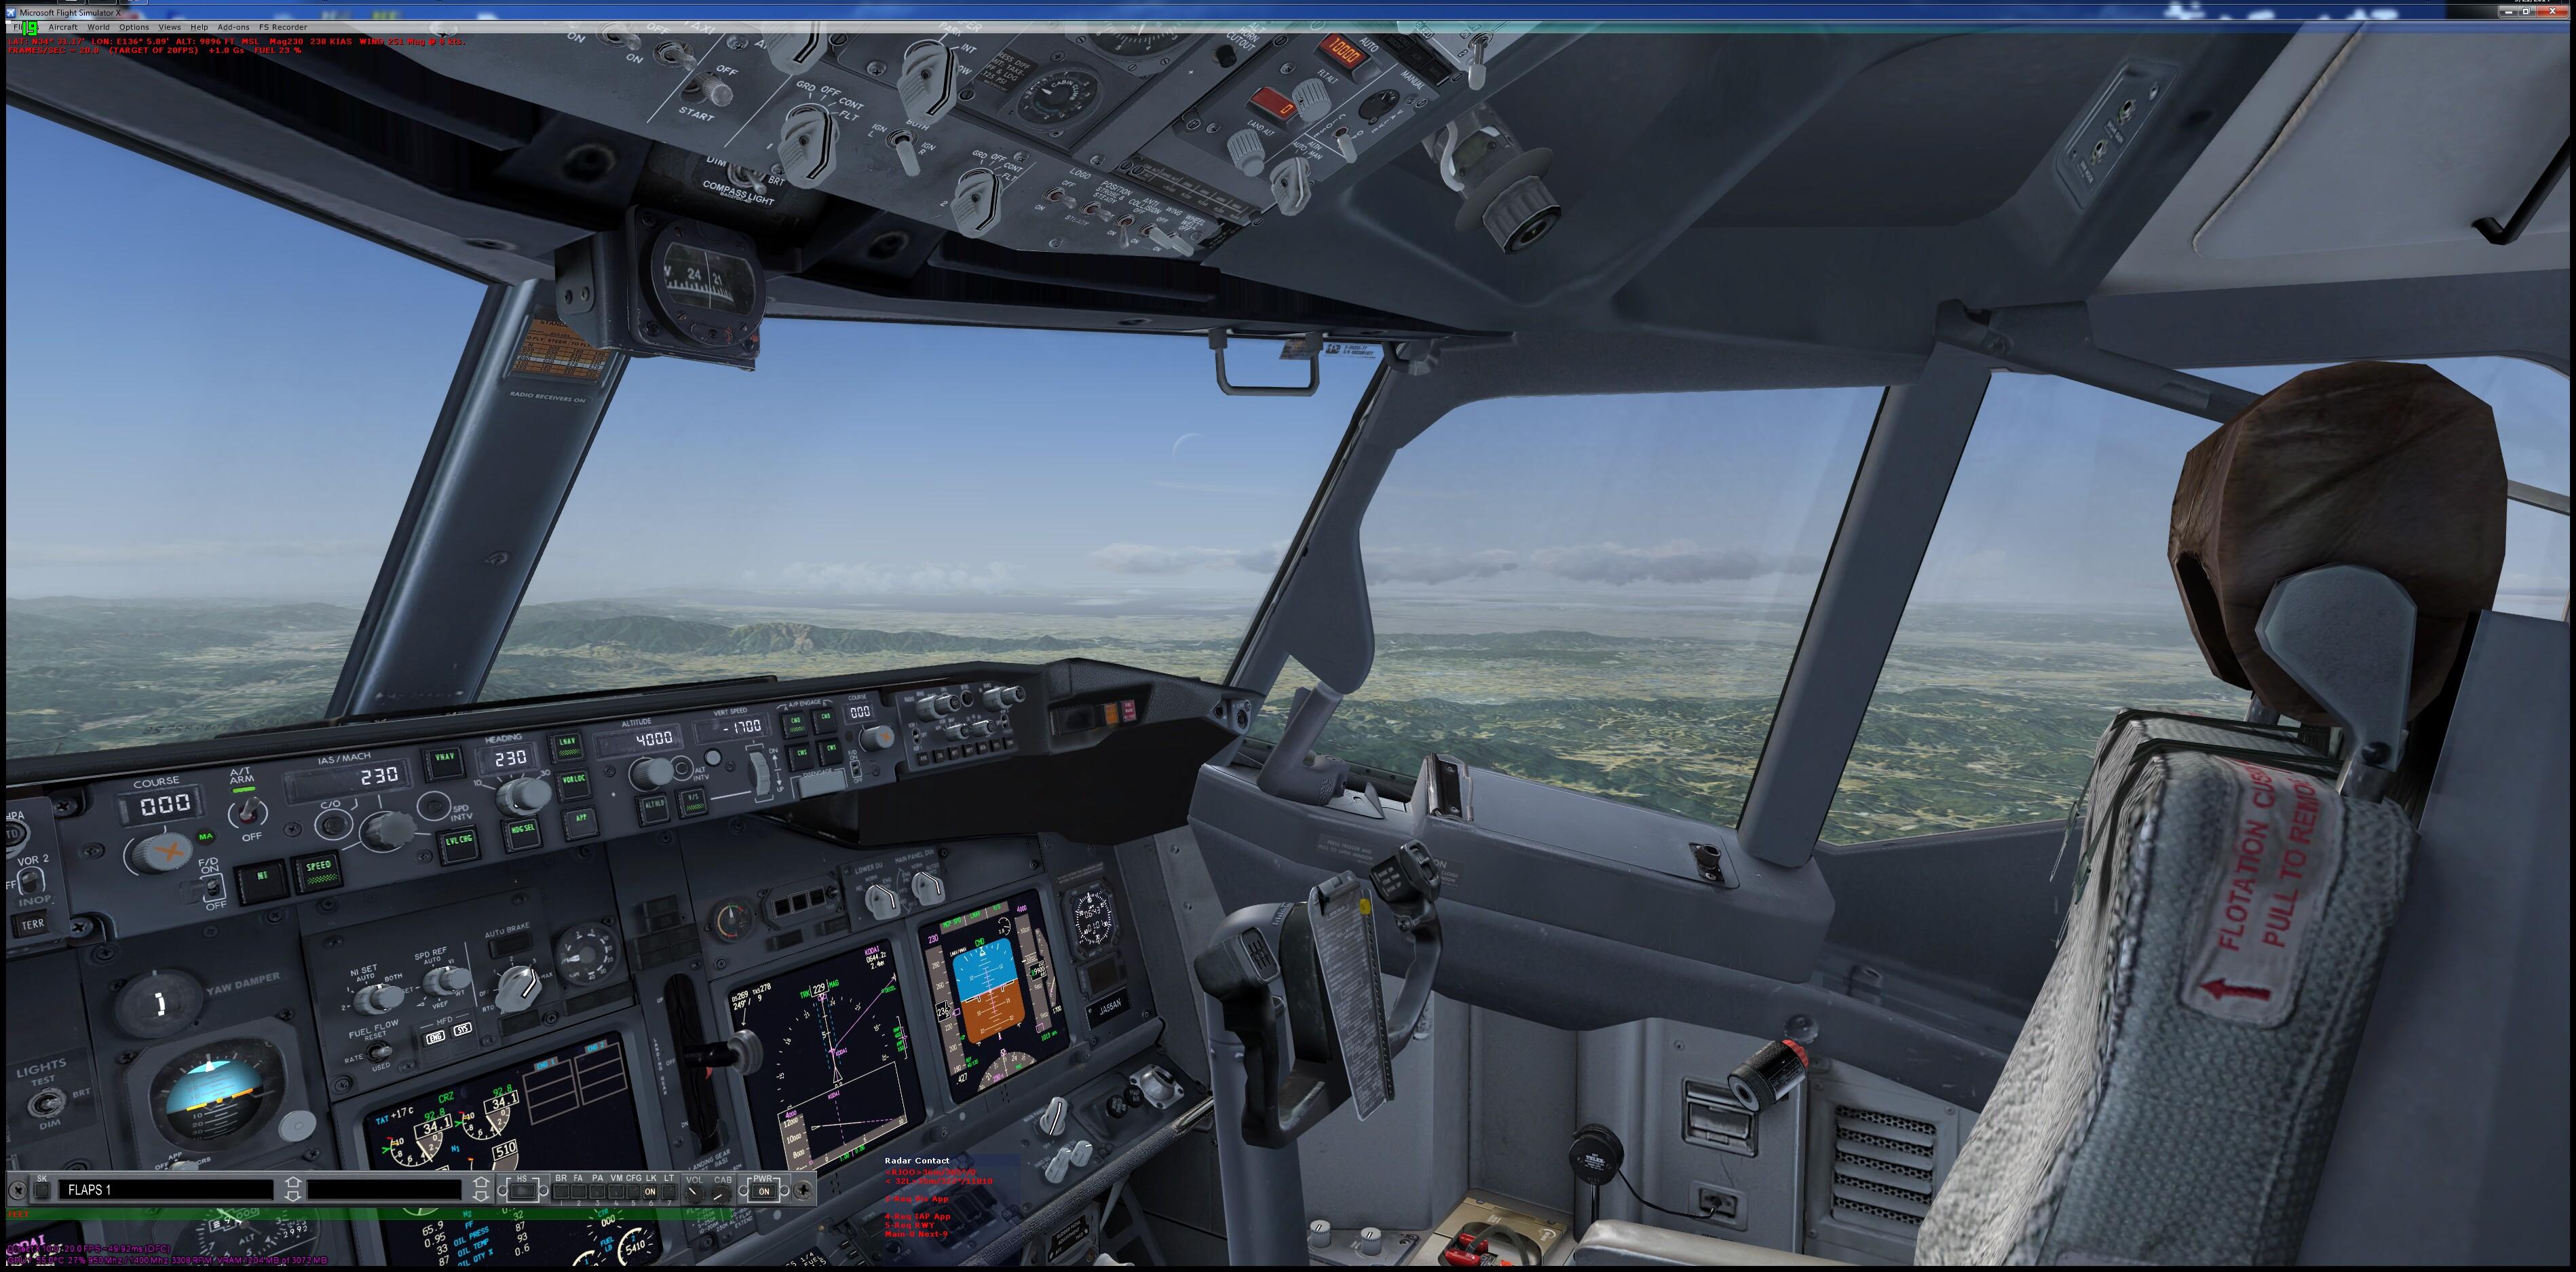 ScreenshotsOO-07.jpg